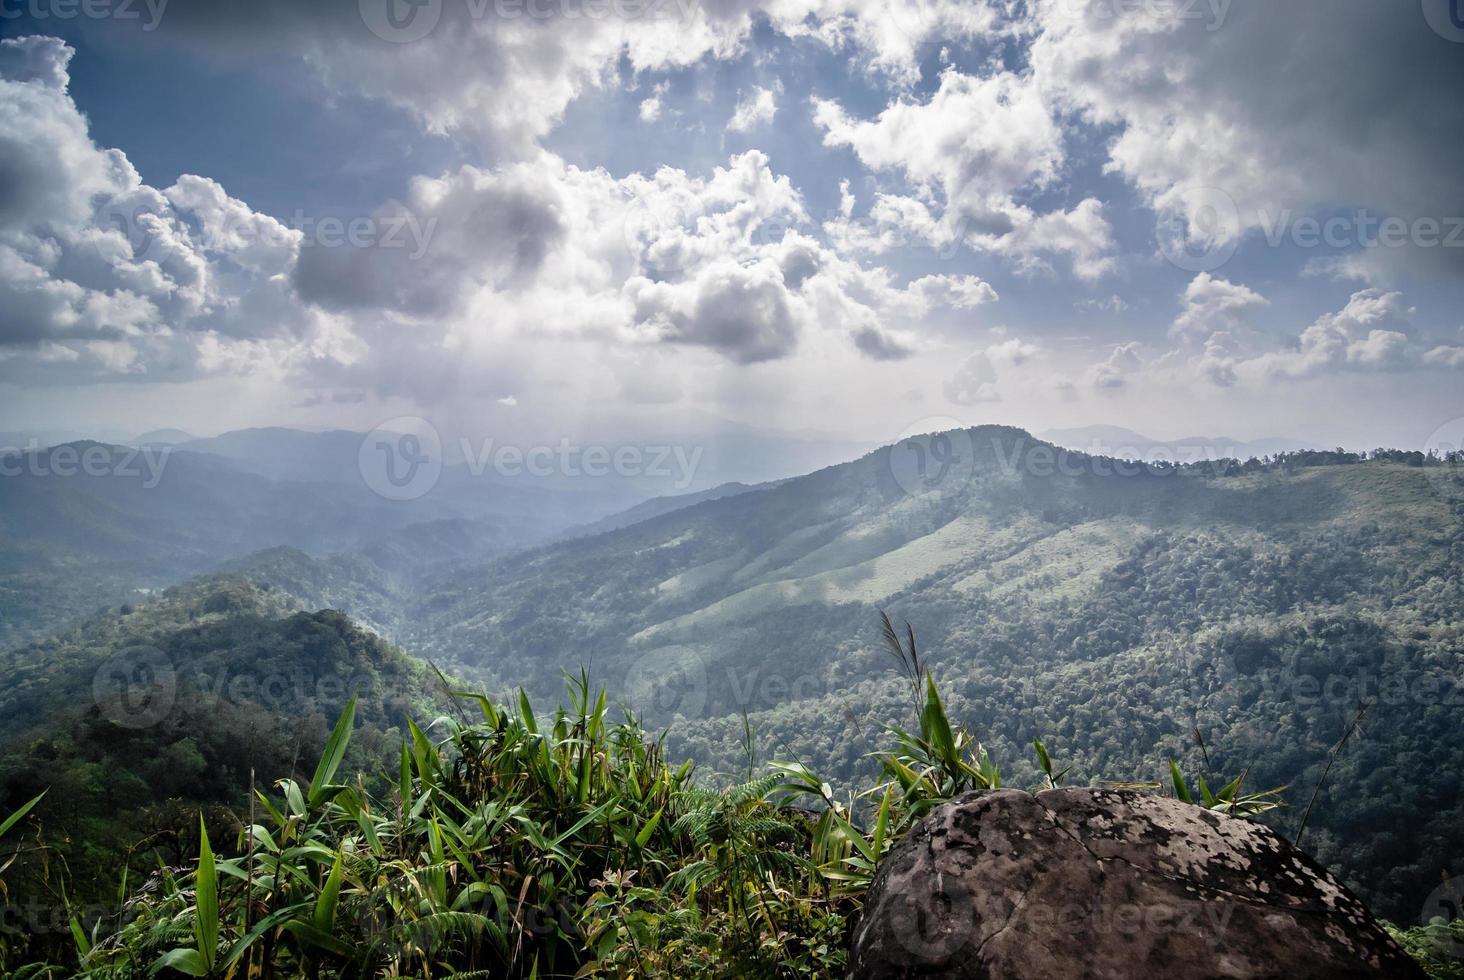 utsiktspunkt från berget foto